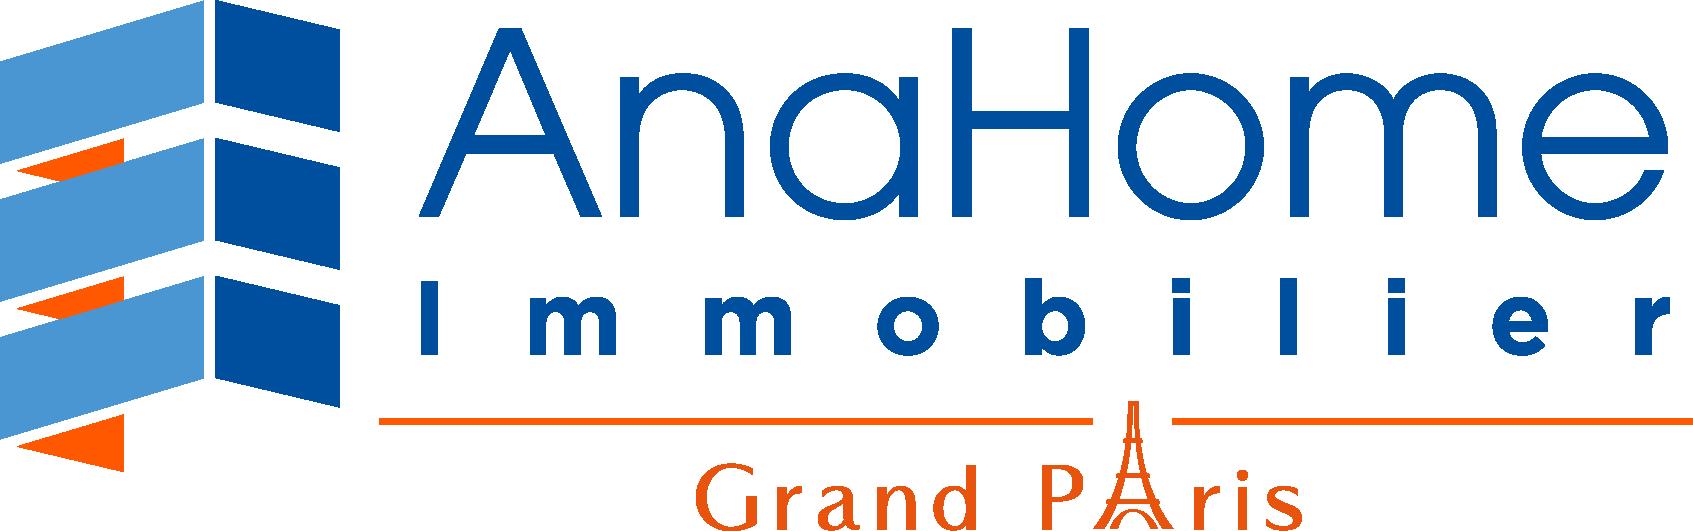 AnaHome Immobilier Grand Paris